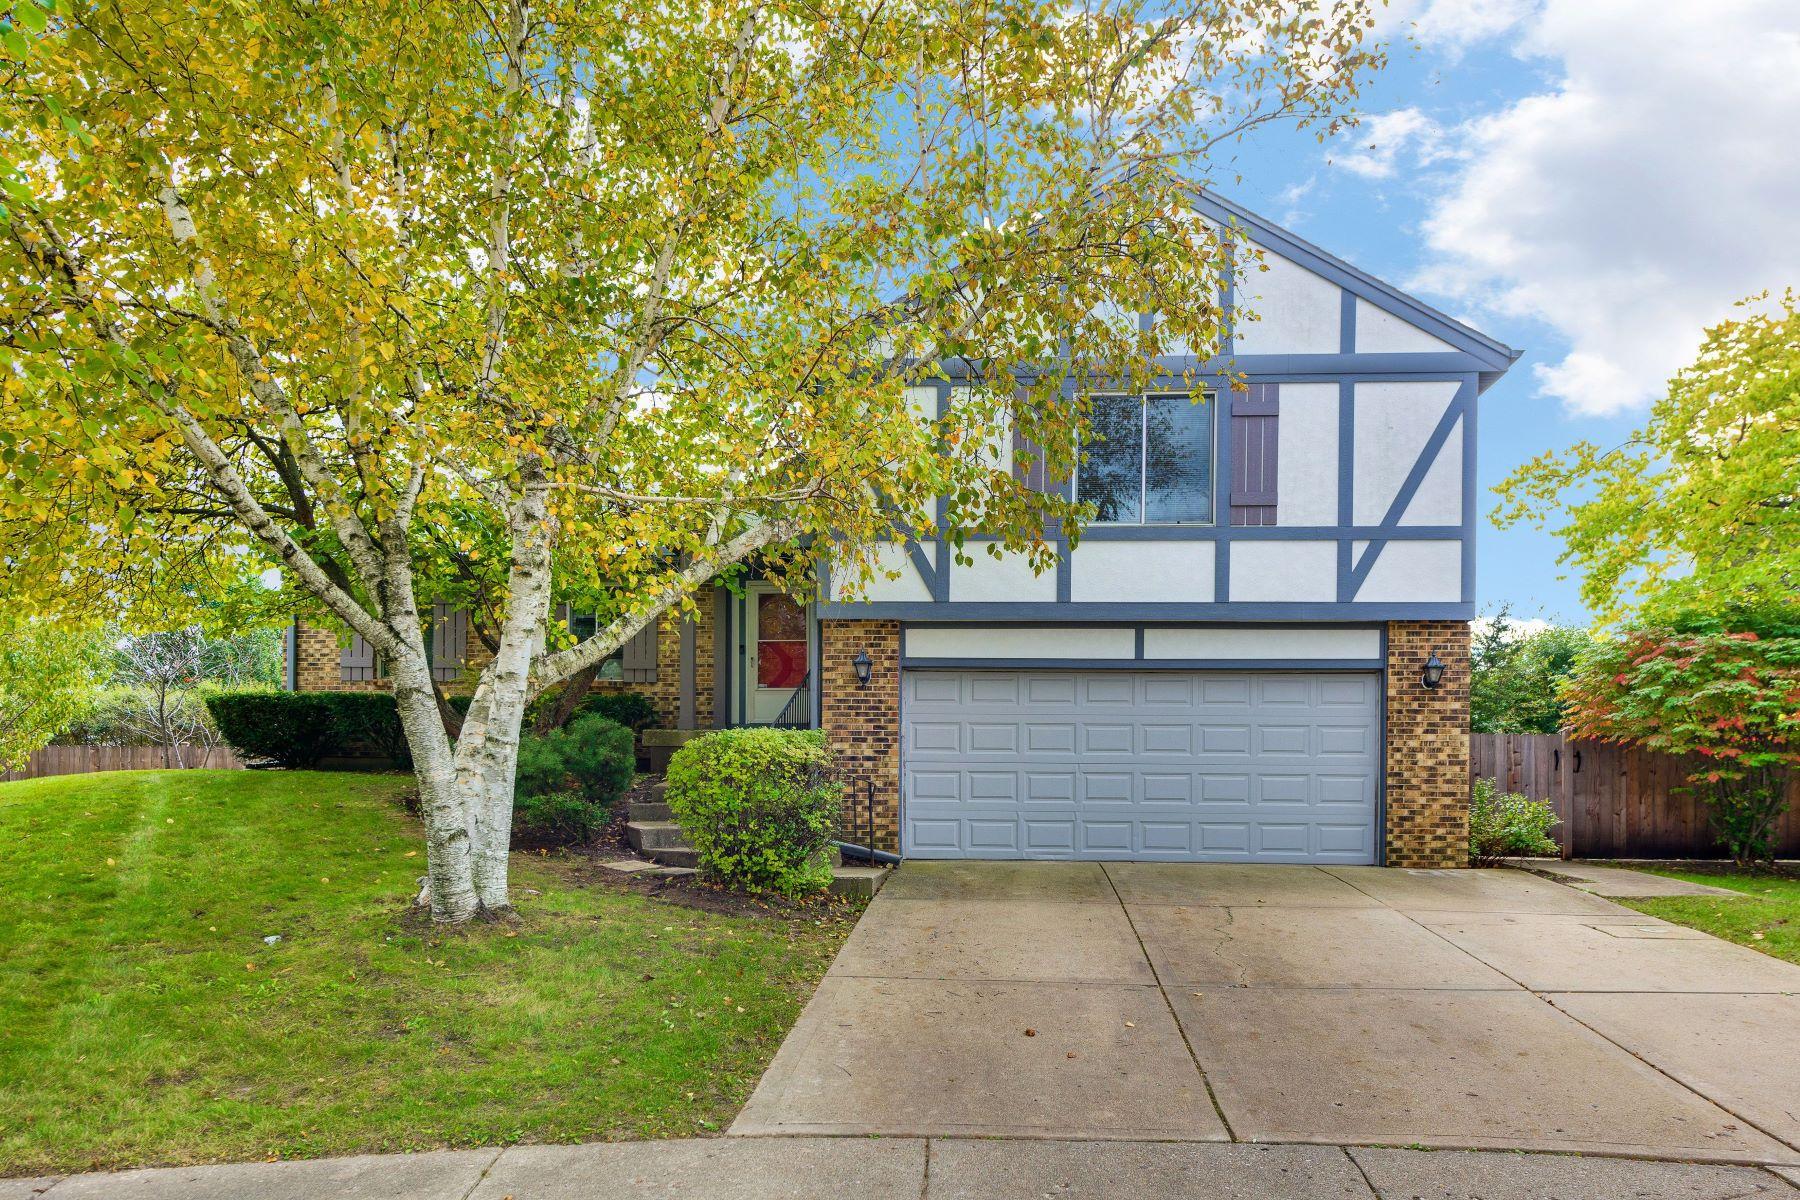 Meticulous Buffalo Grove Home 614 Buckthorn Terrace, Buffalo Grove, Illinois 60089 Estados Unidos